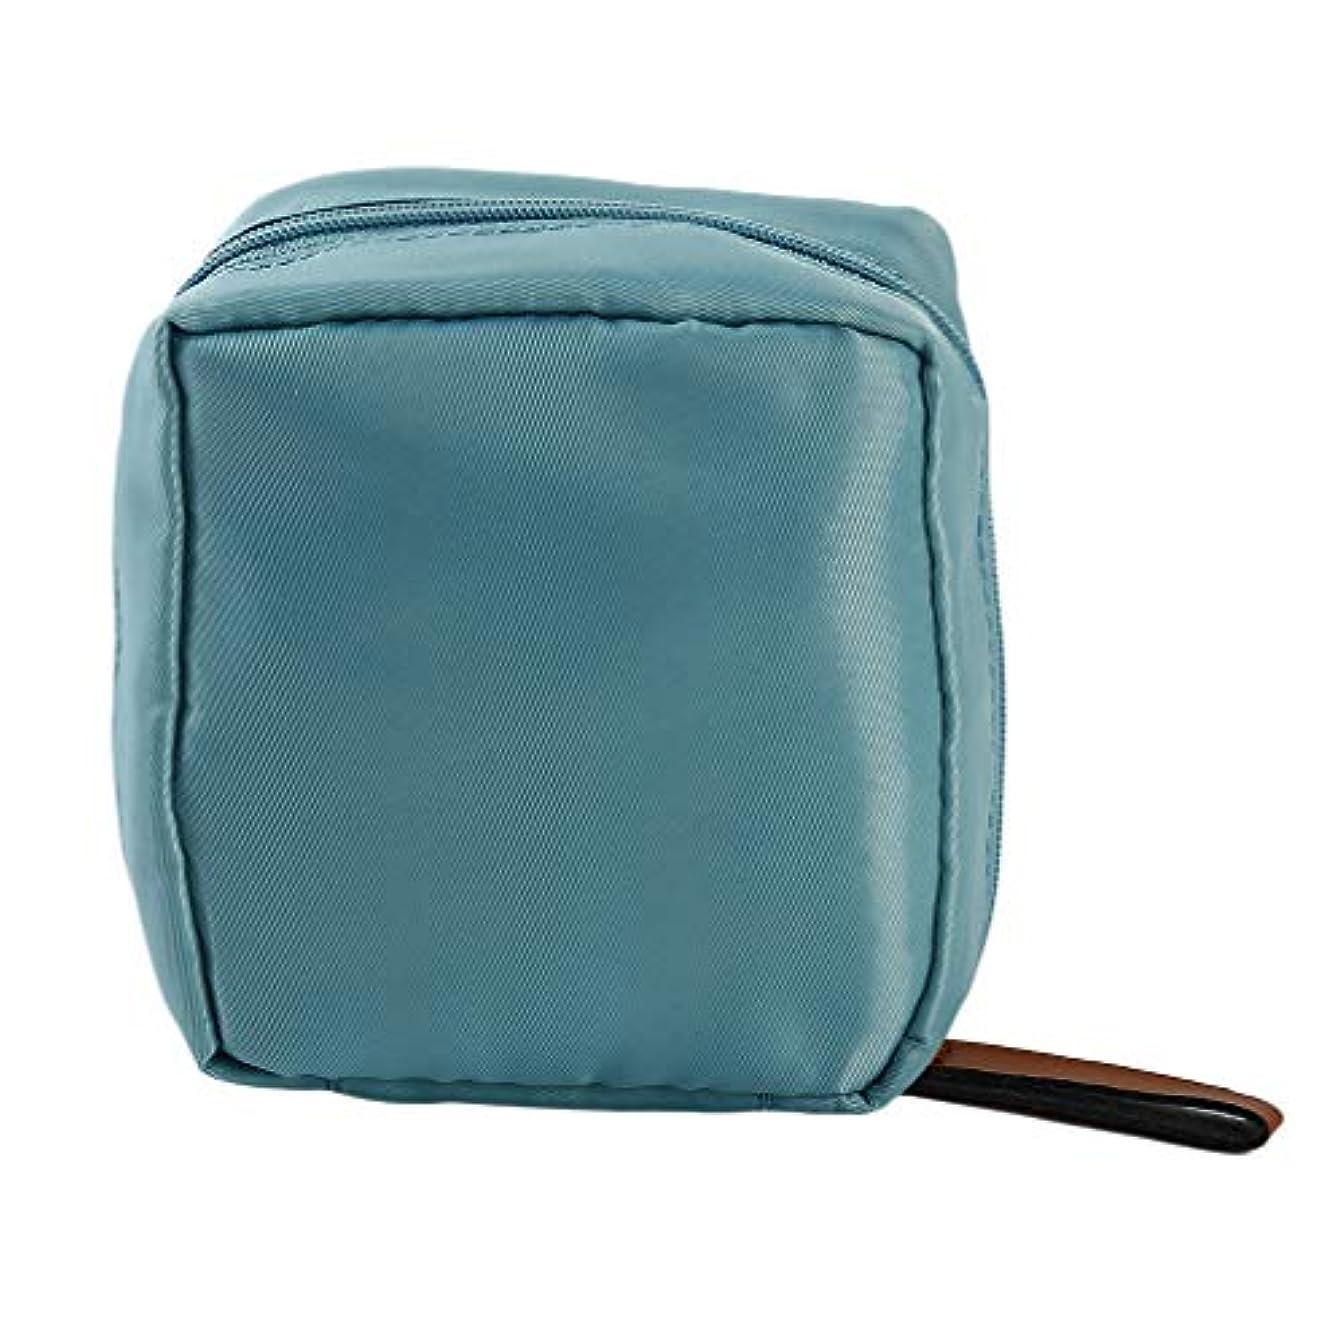 王室キャッシュ手当青空の日差し 化粧ポーチ 収納ボックス トイレタリーバッグ ストライプ トラベルポーチ 化粧品 大容量 収納力抜群 旅行 出張 軽量 ブルー